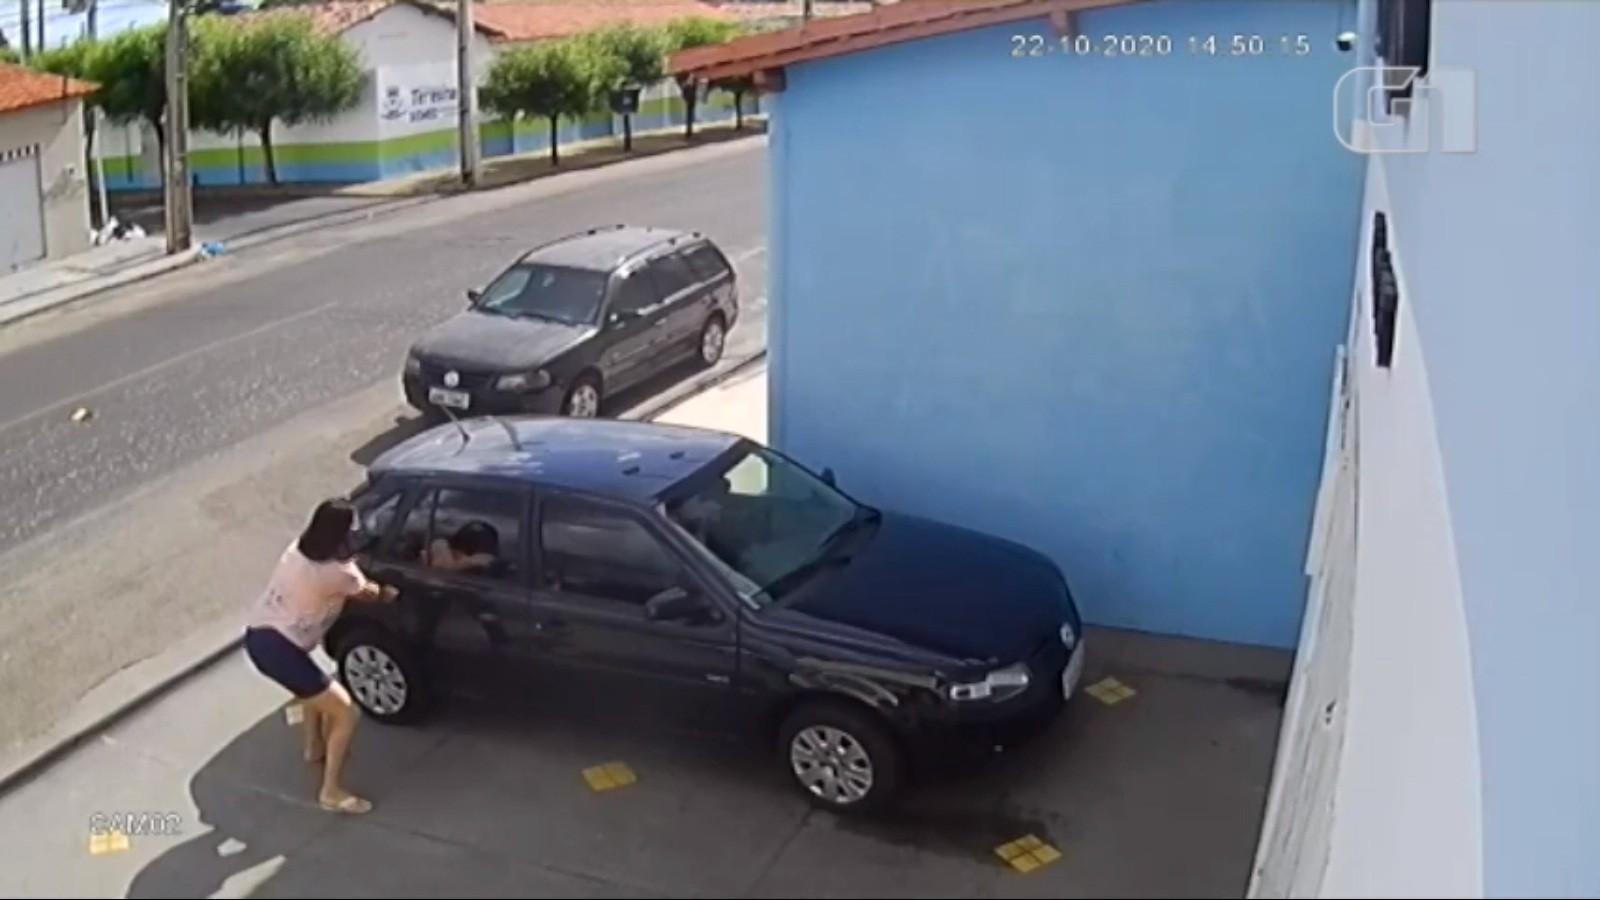 Mãe se desespera para tirar filho de carro durante assalto em Teresina; veja vídeo